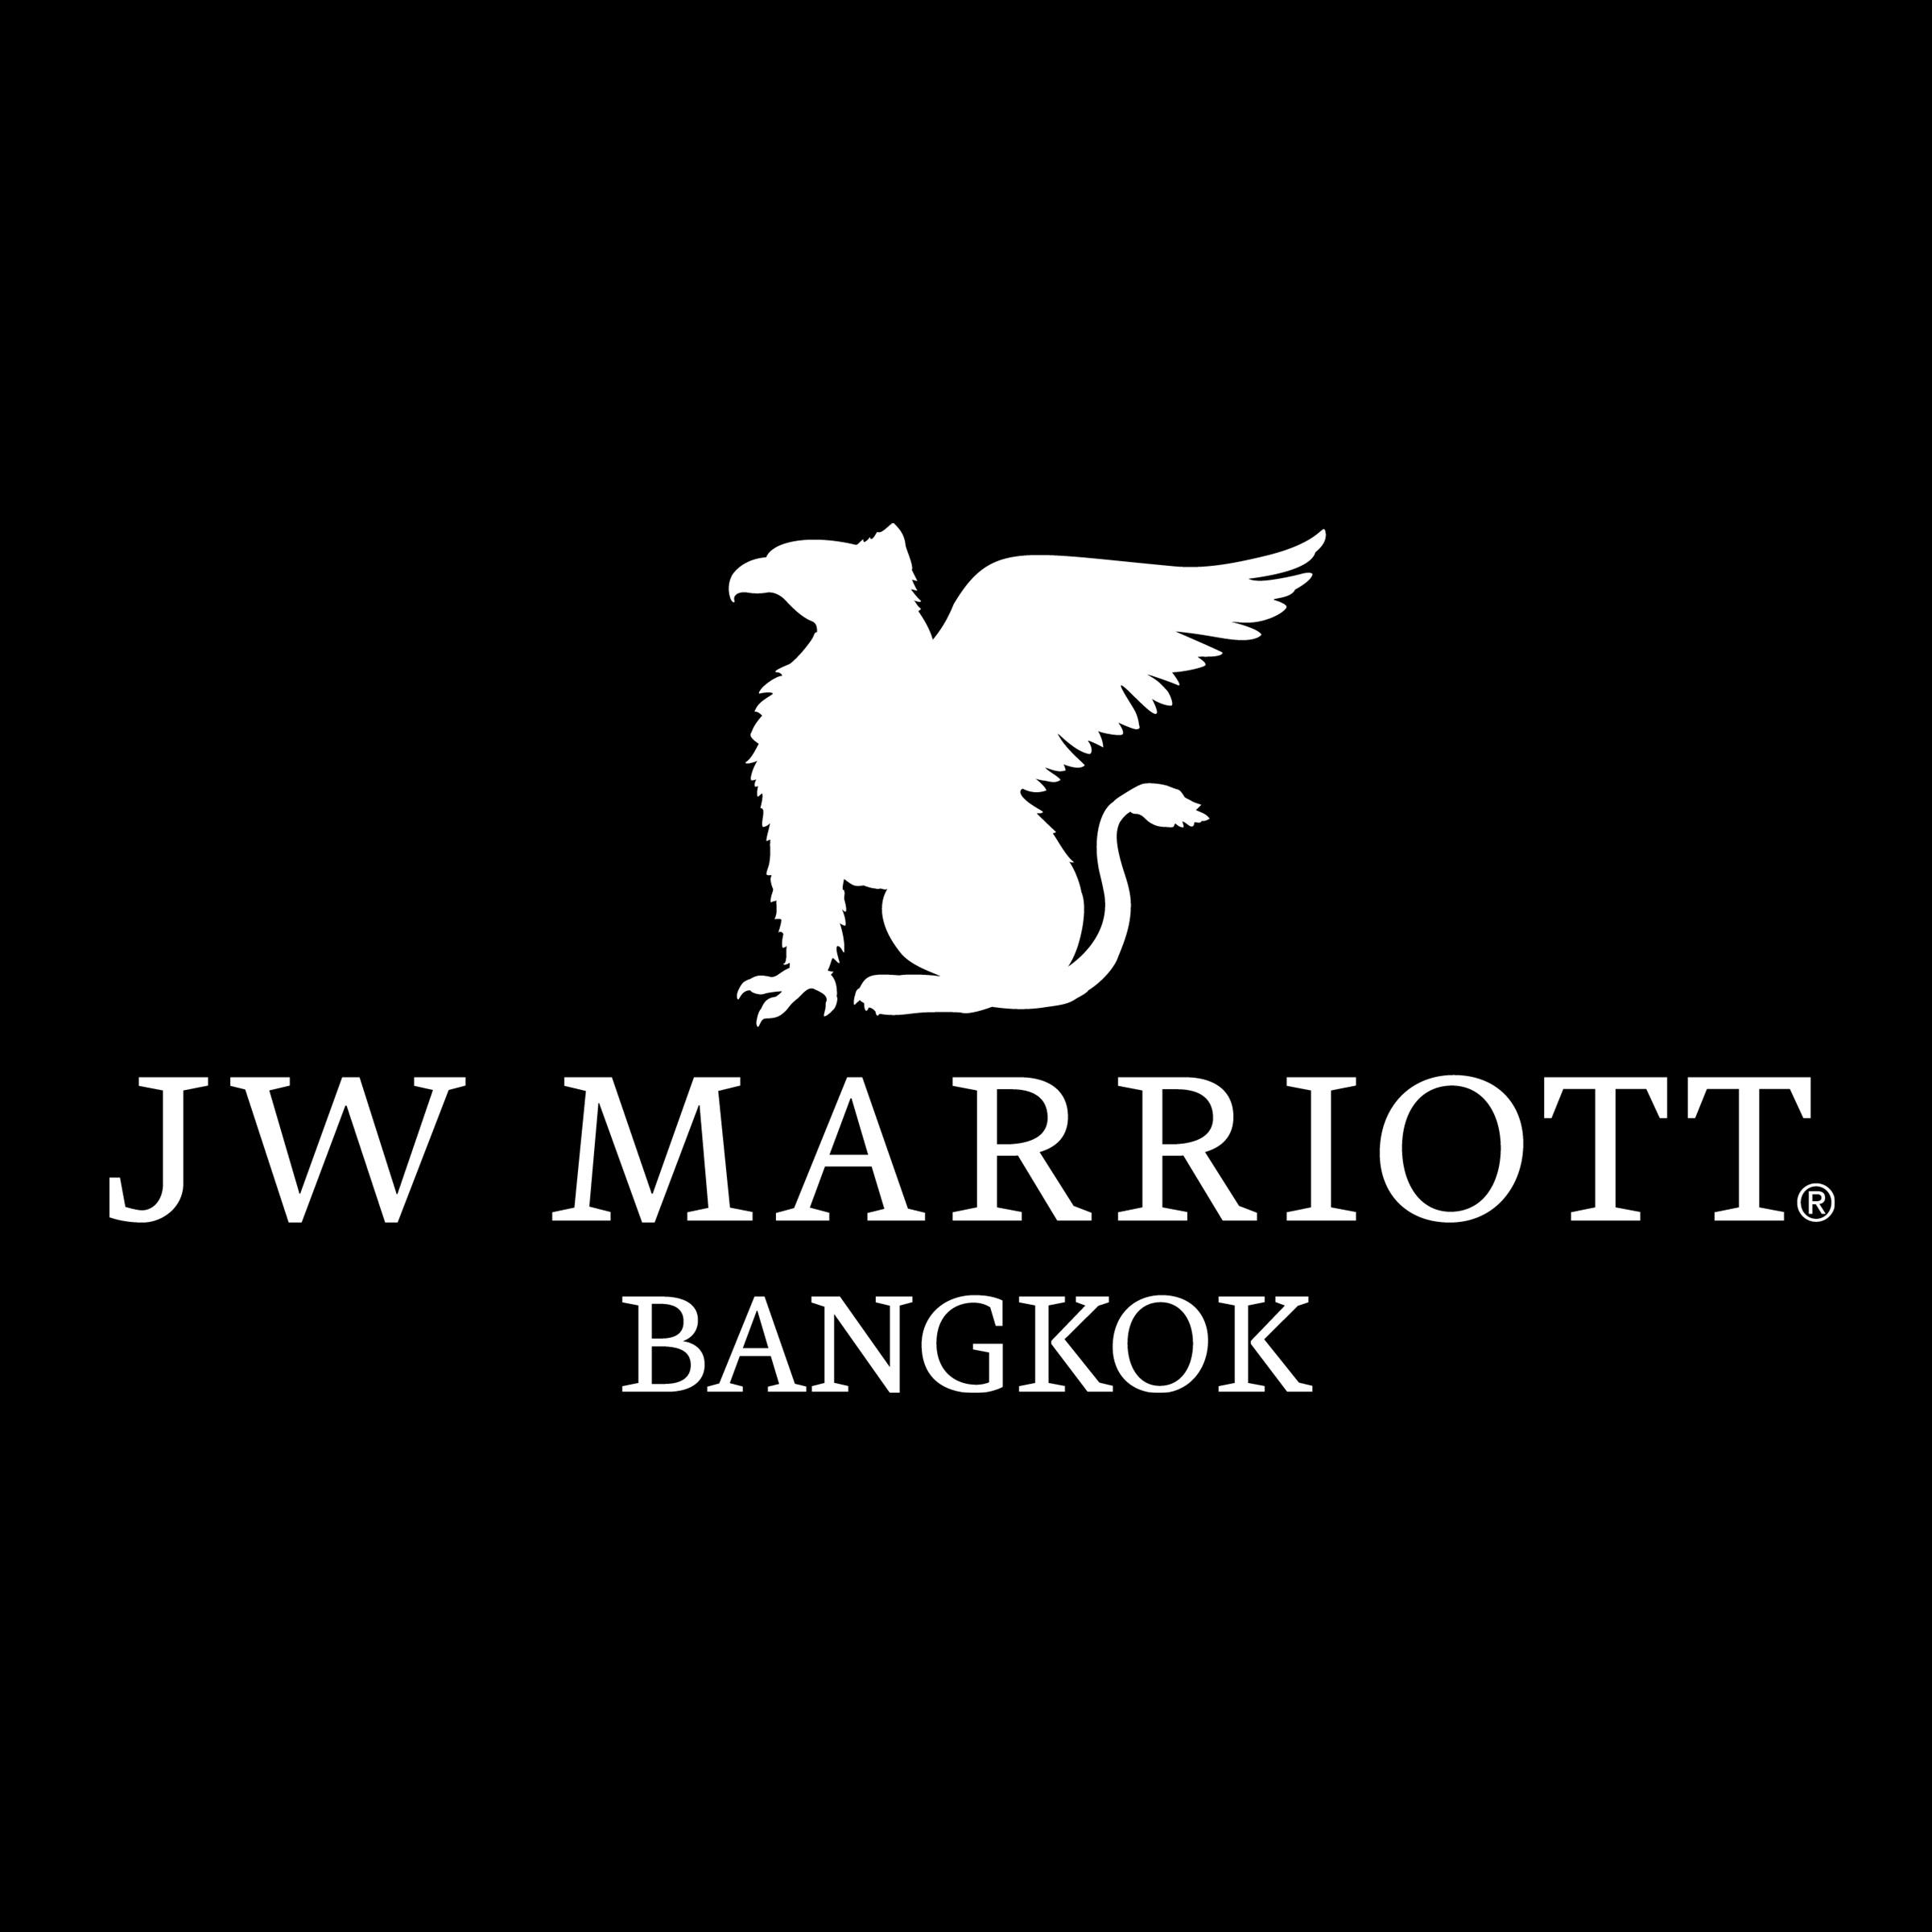 Jw Marriott Logos